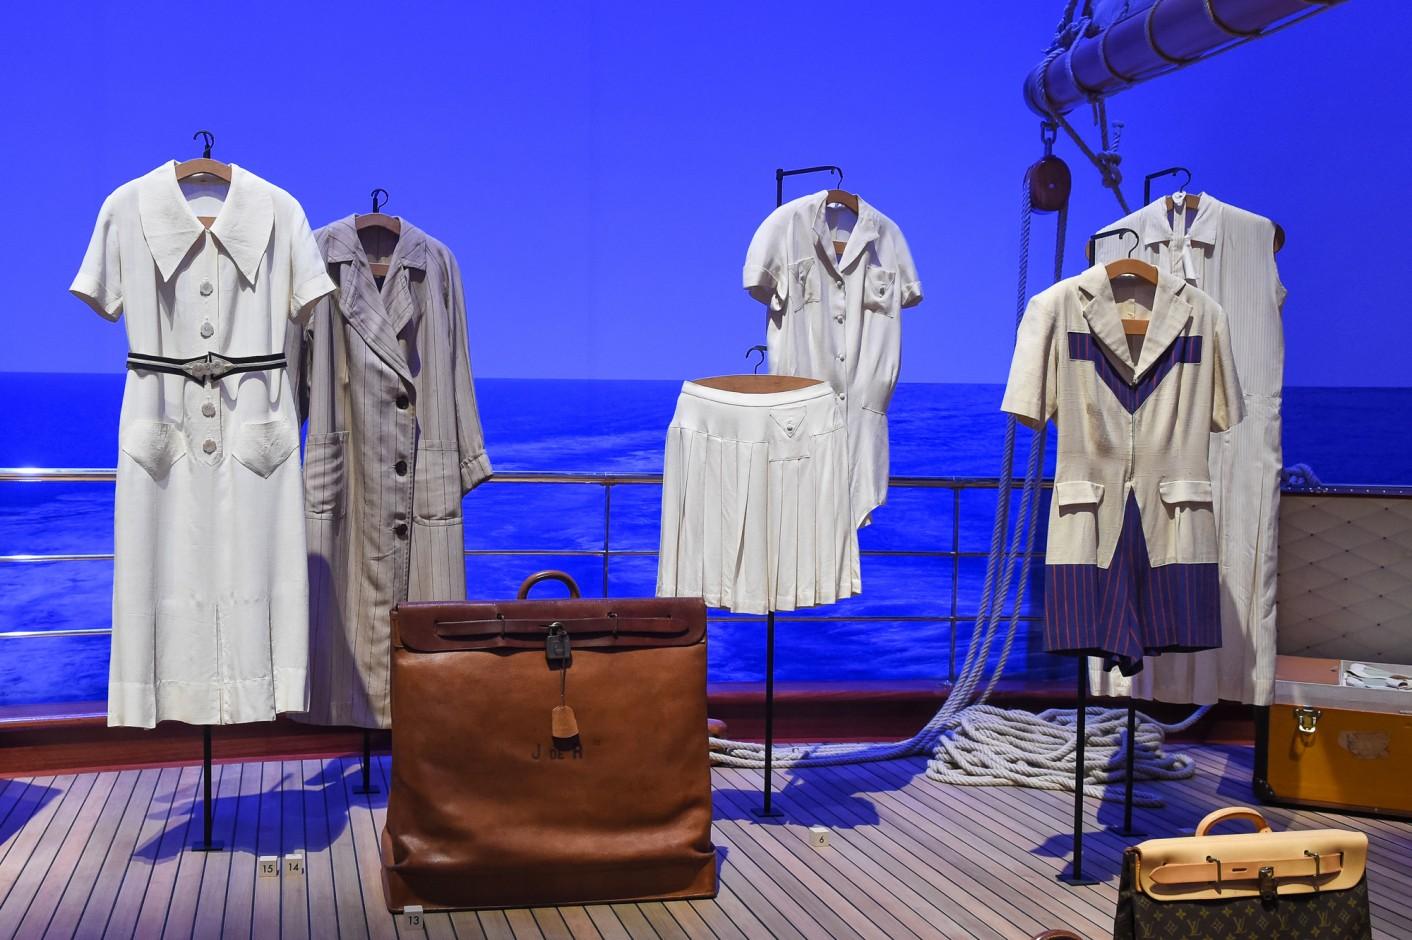 louis-vuitton-volez-voguez-voyagez-exhibition-new-york-9